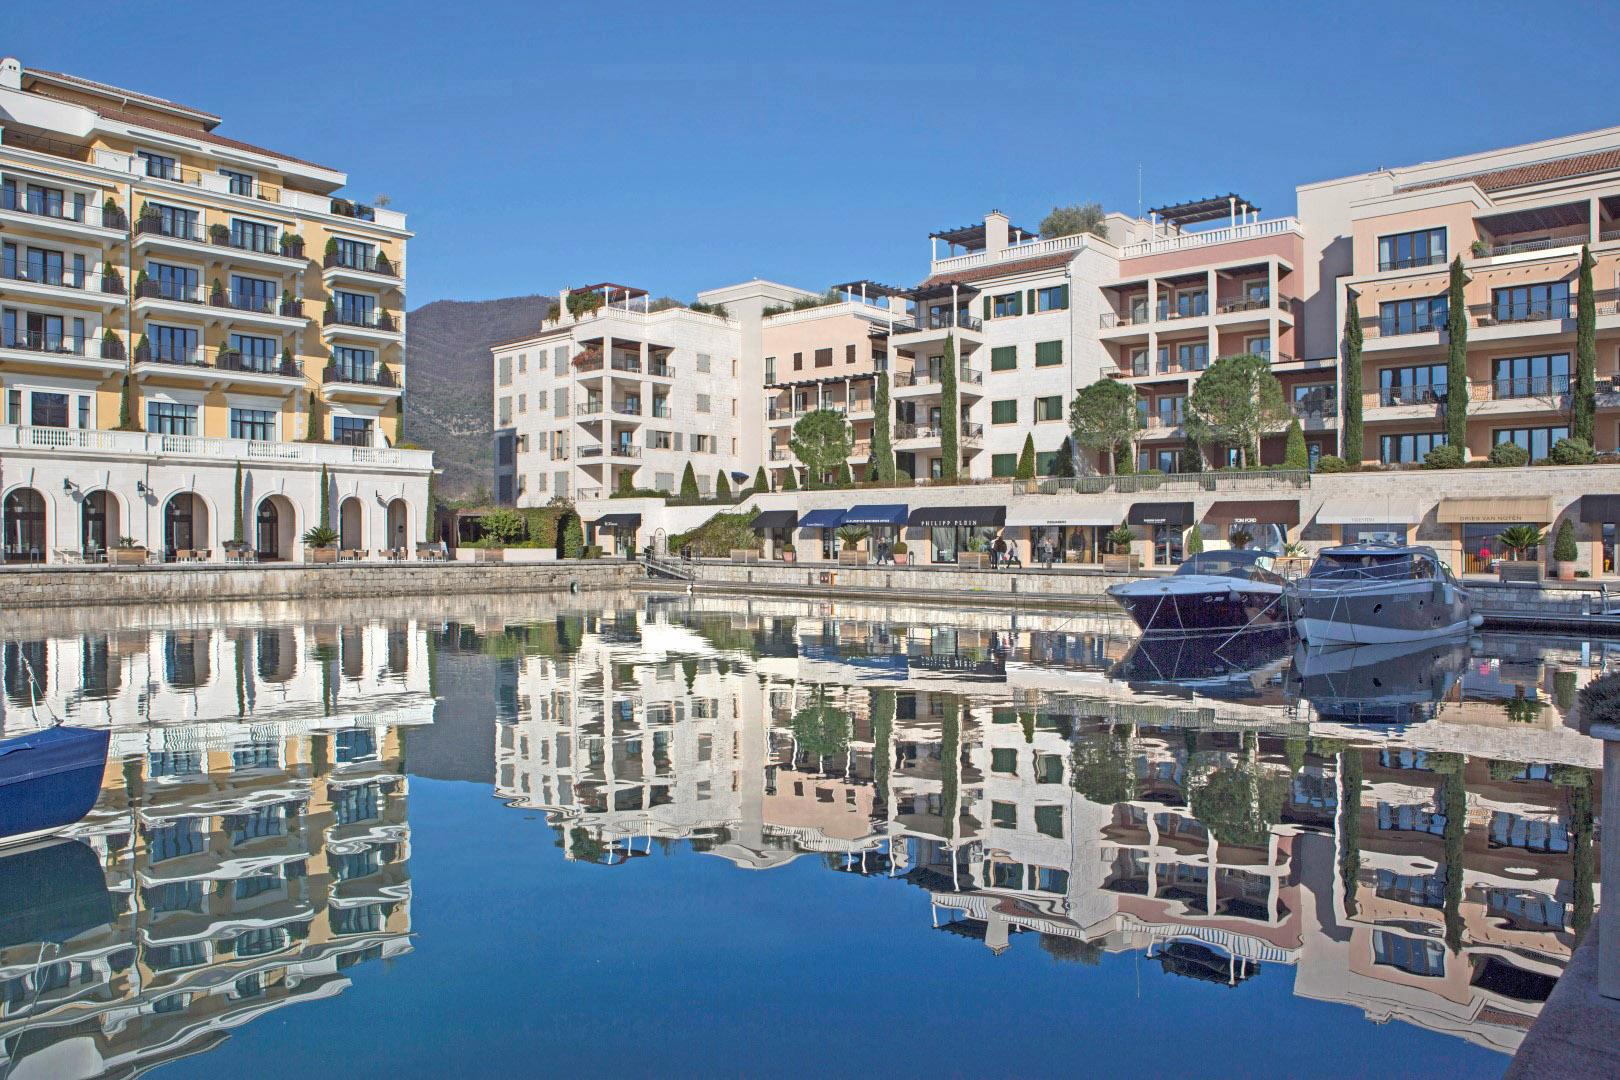 Тиват, Порто Монтенегро — трехкомнатная квартира 90м2 в доме Тара